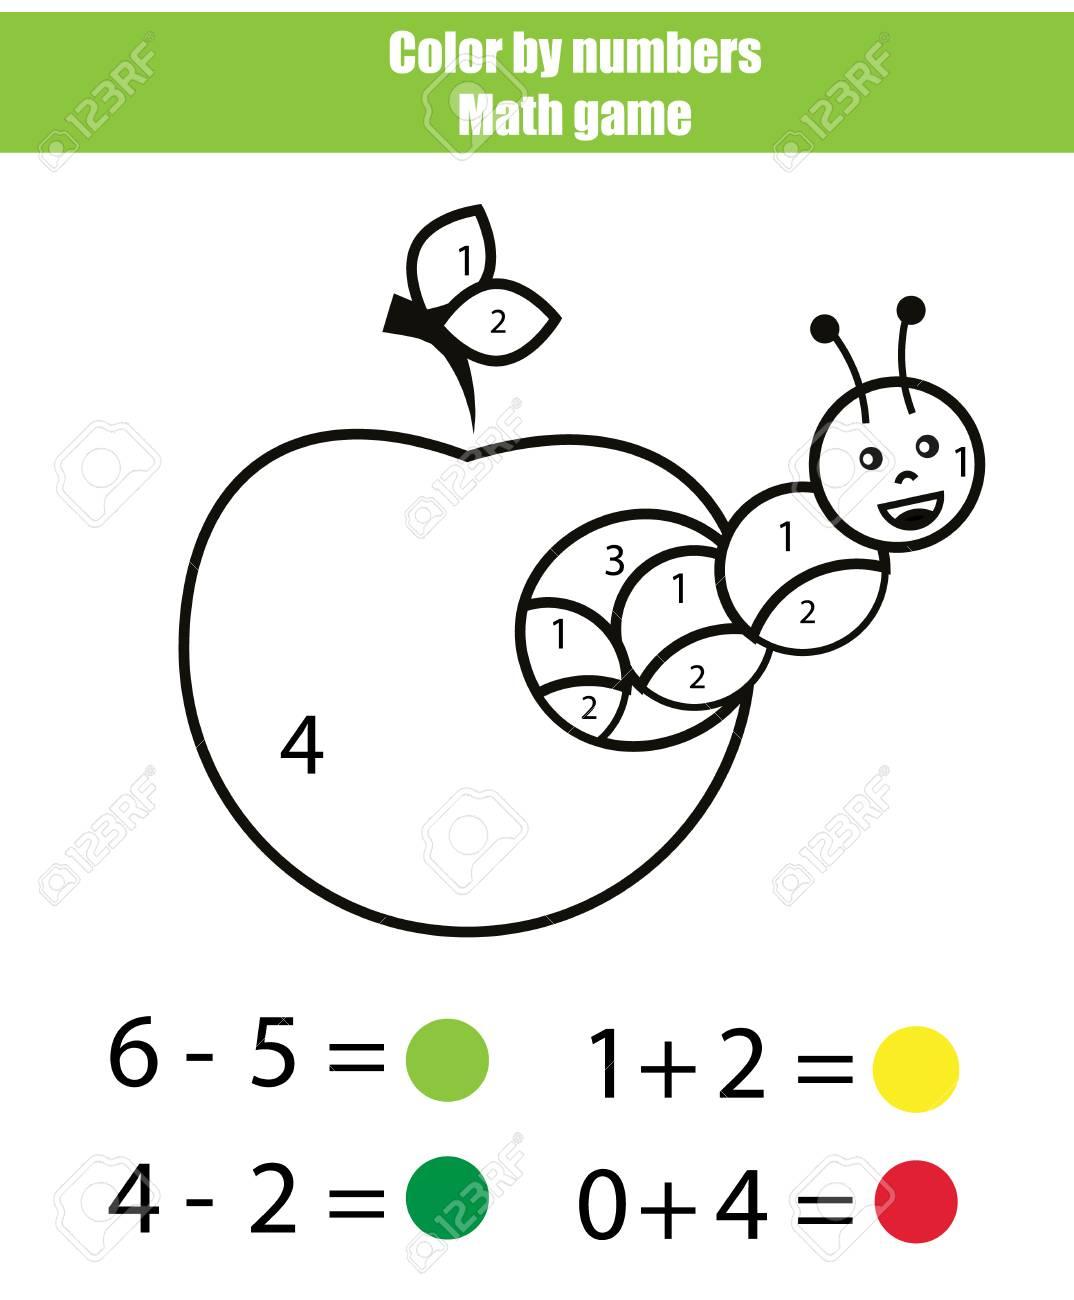 Color Por Numeros Juego De Matematicas Dibujo Para Colorear Con